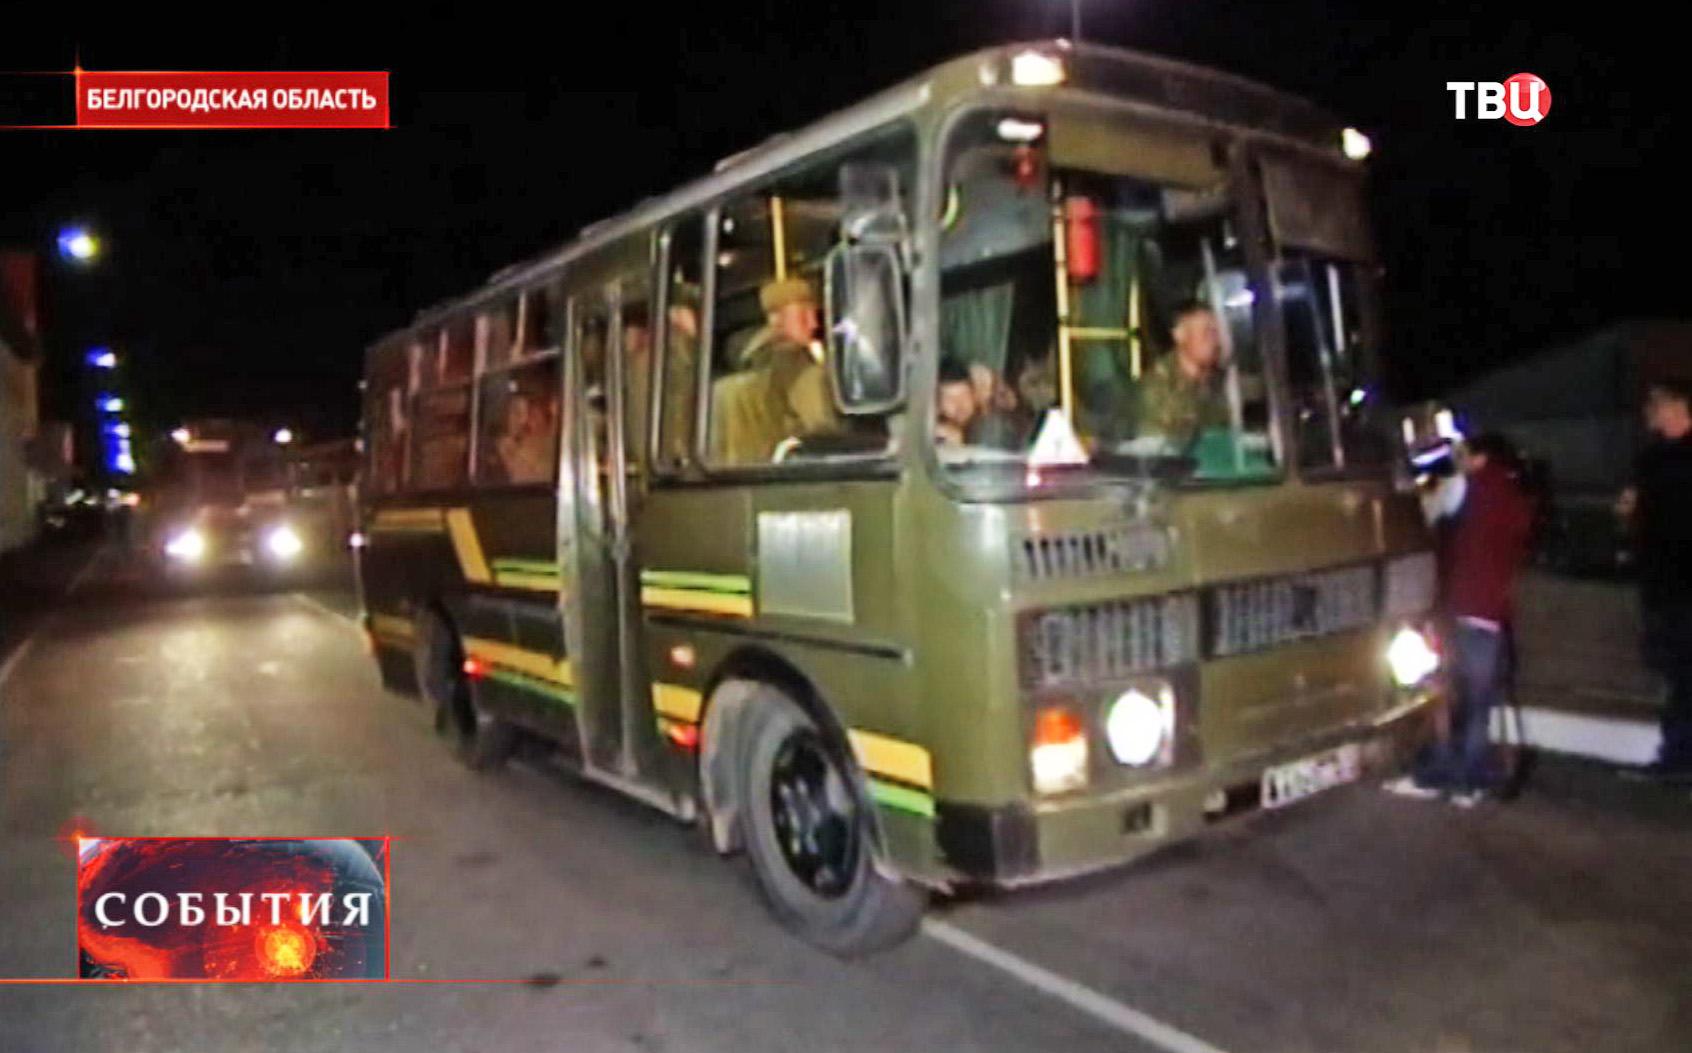 Передача украинской стороной российских десантников